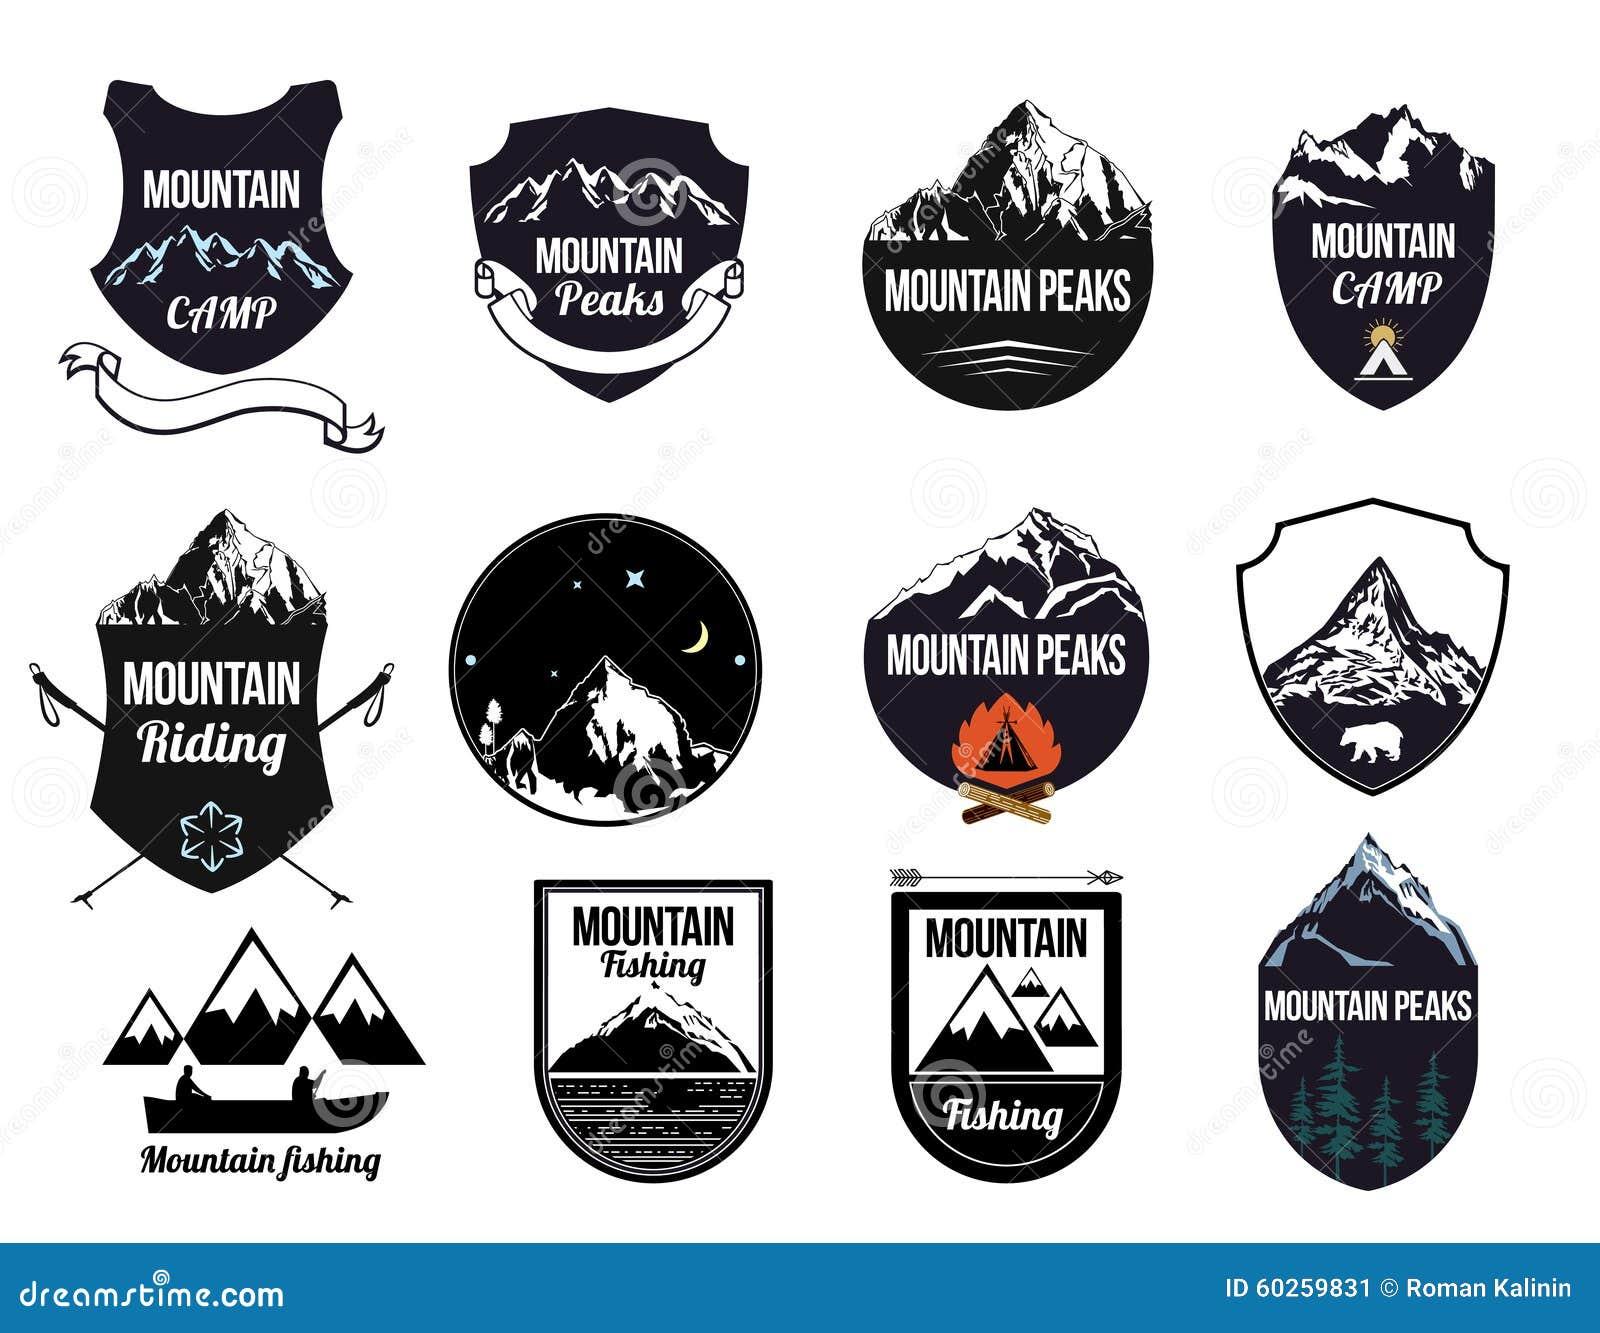 Creative Vintage Logo  Label Design  concurso Design de